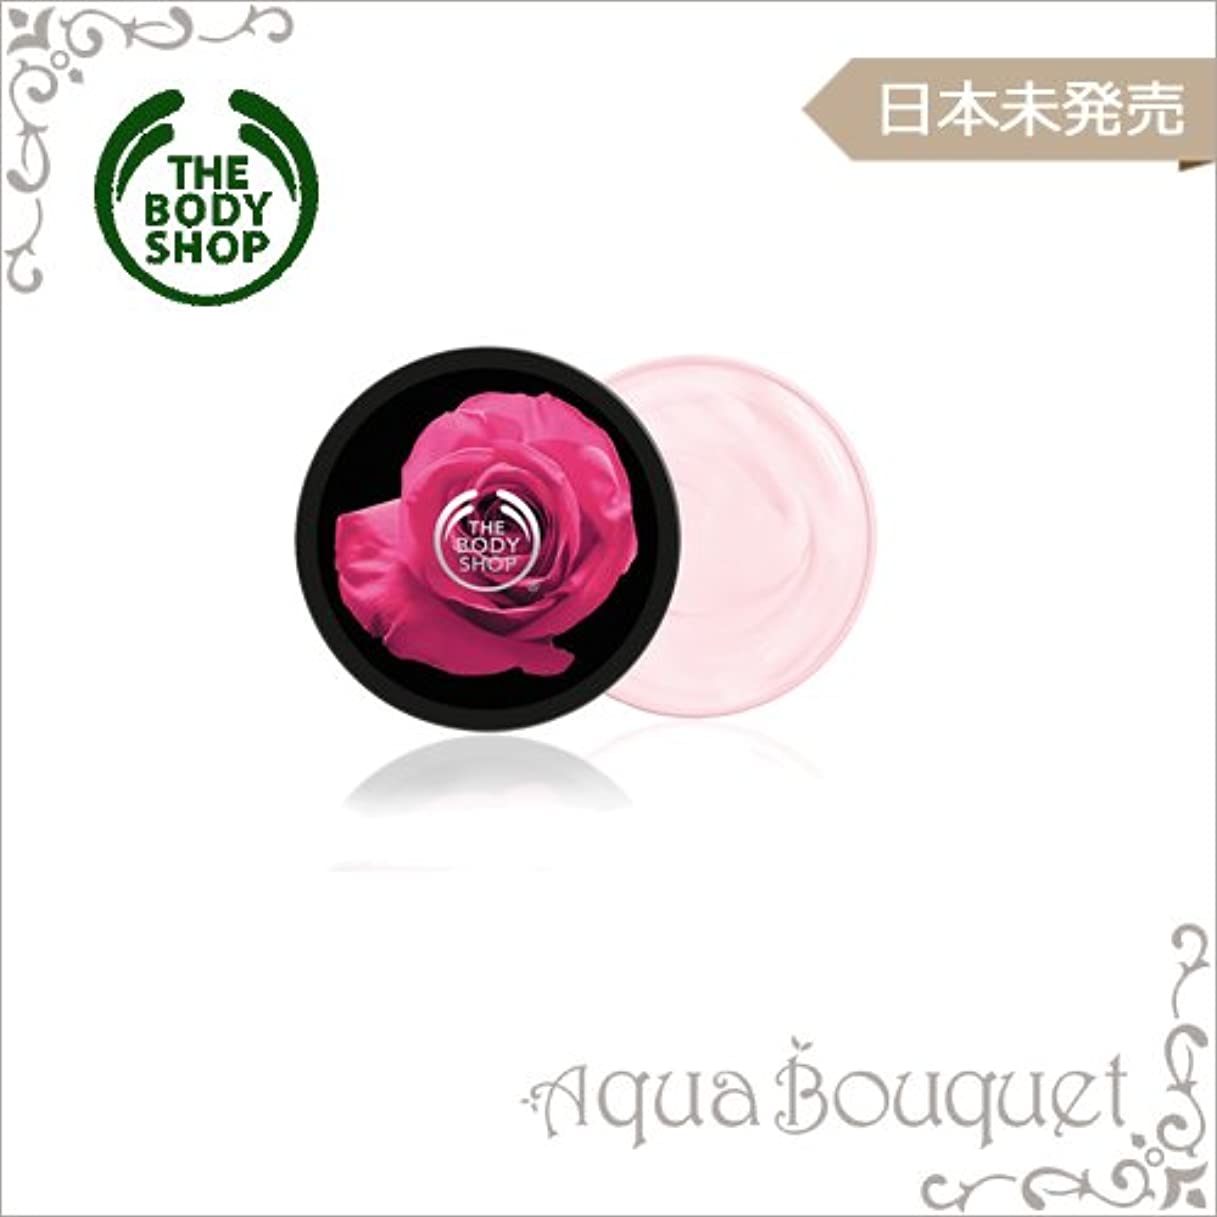 施し忘れっぽい貝殻ザ?ボディショップ ブリティッシュローズ ボディバター 50ml The Body Shop British Rose Instant Glow Body Butter 1.72oz [並行輸入品]